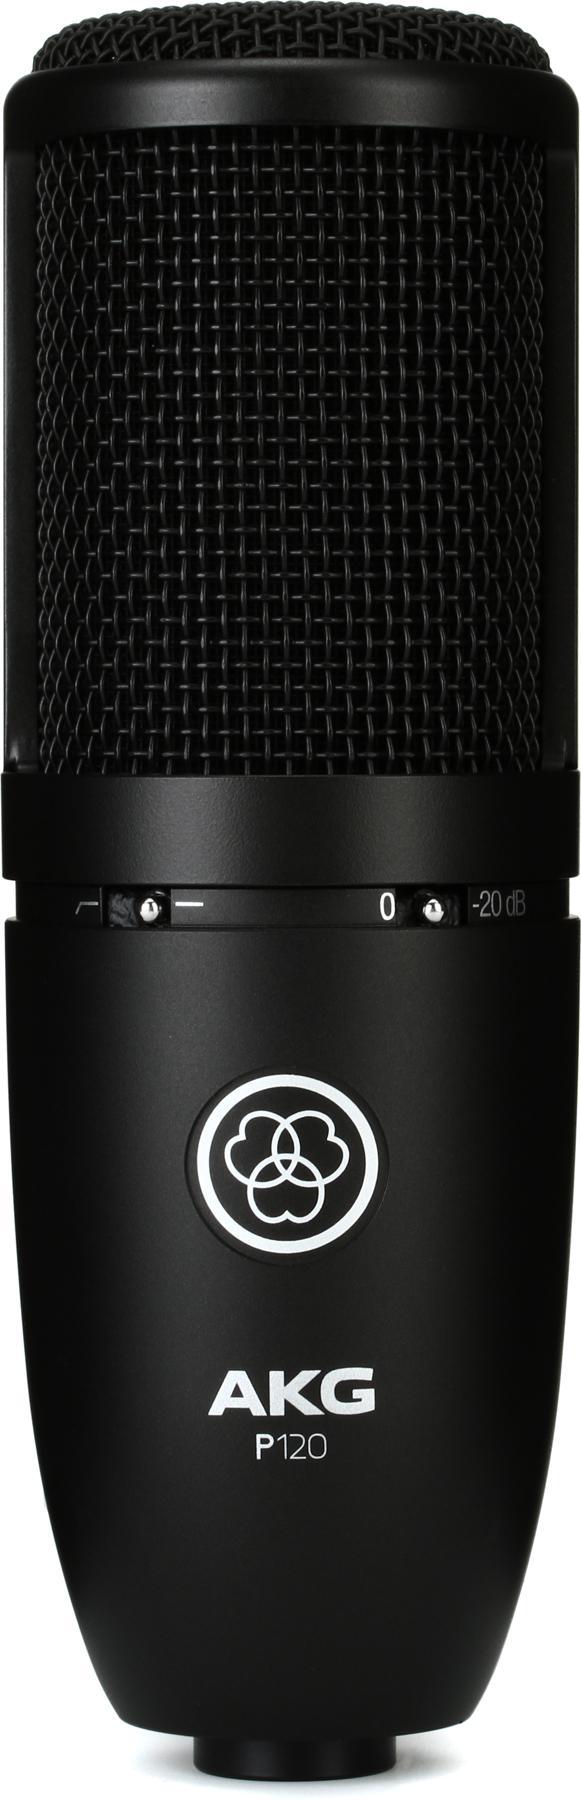 3. AKG P120